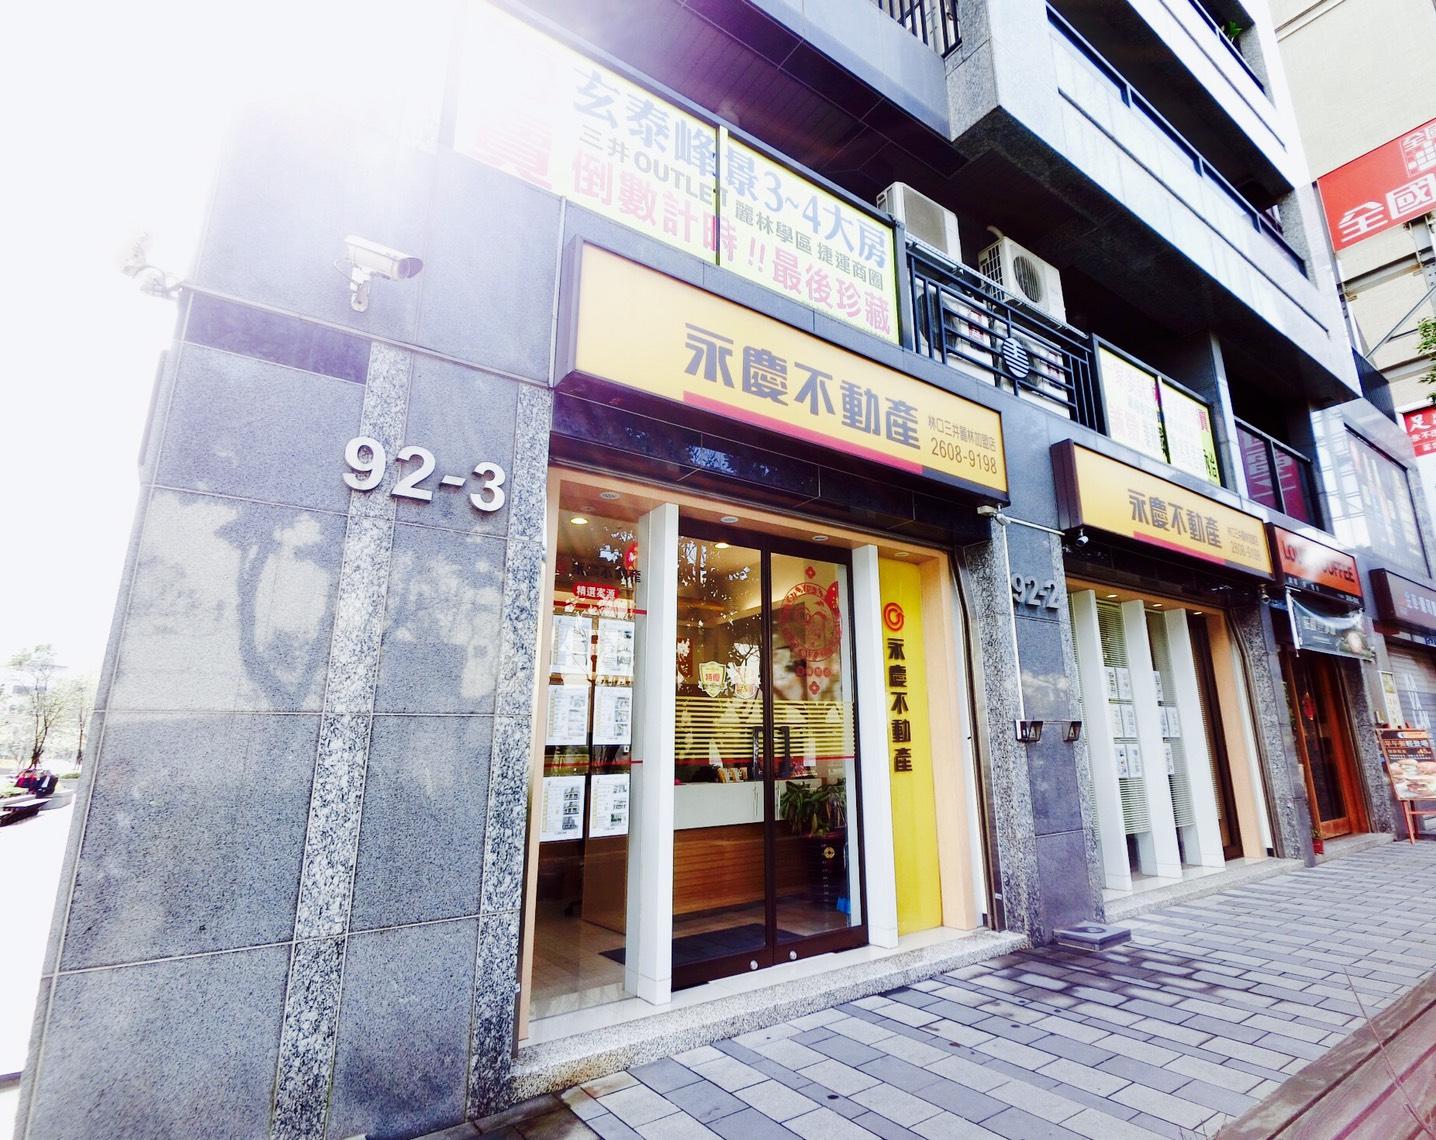 永慶不動產 - 林口三井麗林加盟店